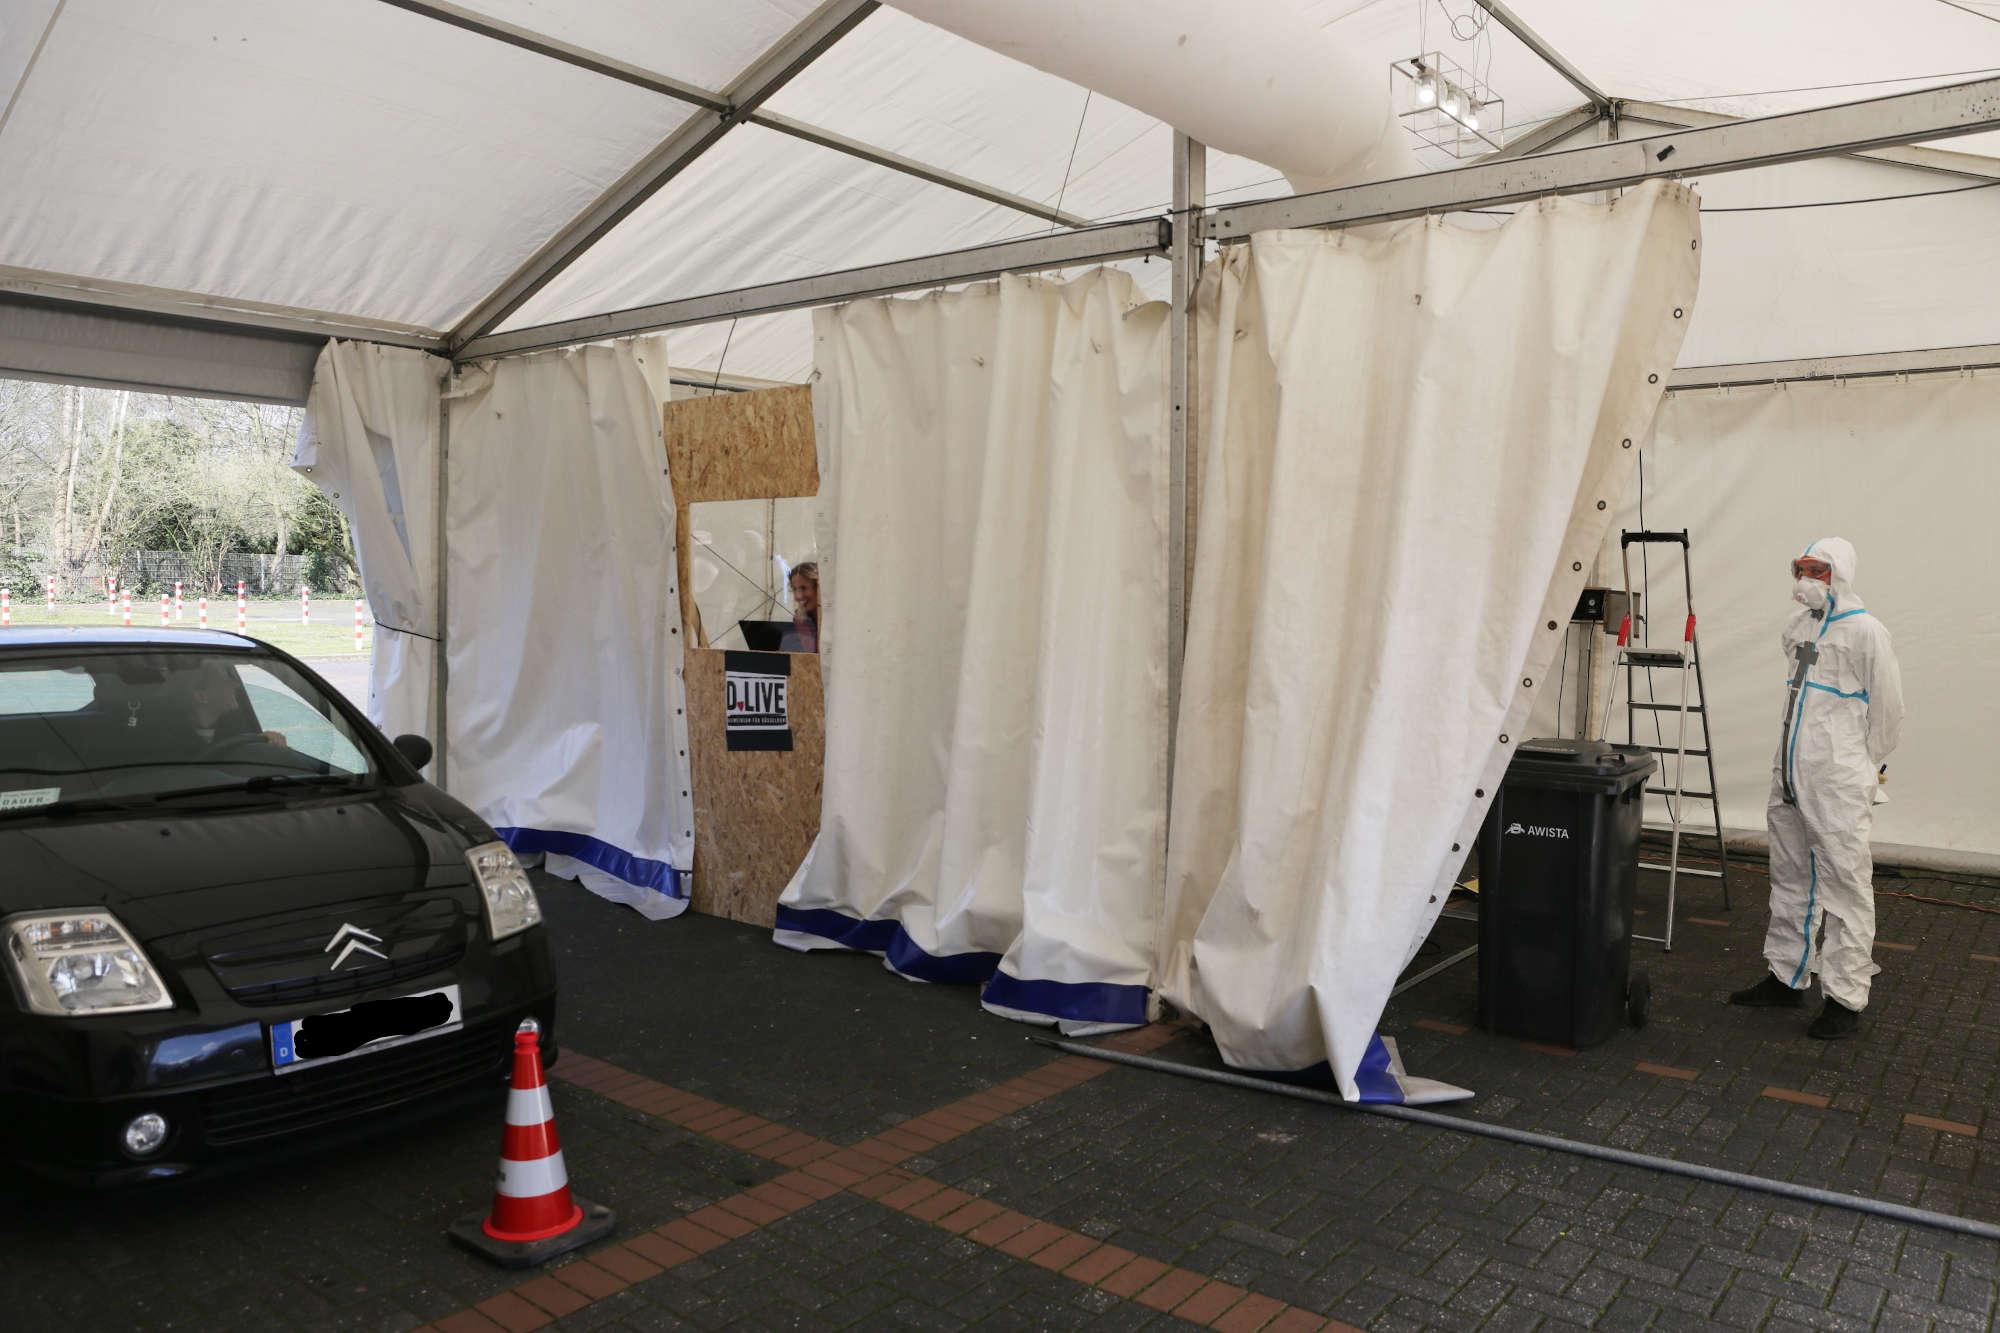 Weiterleitung zum Corona-Test: Nach der Anmeldung im Drive-In-Diagnose-Center geht es im Pkw zum Test ins Diagnose-Zelt. (Foto: Landeshauptstadt Düsseldorf/Ingo Lammert)